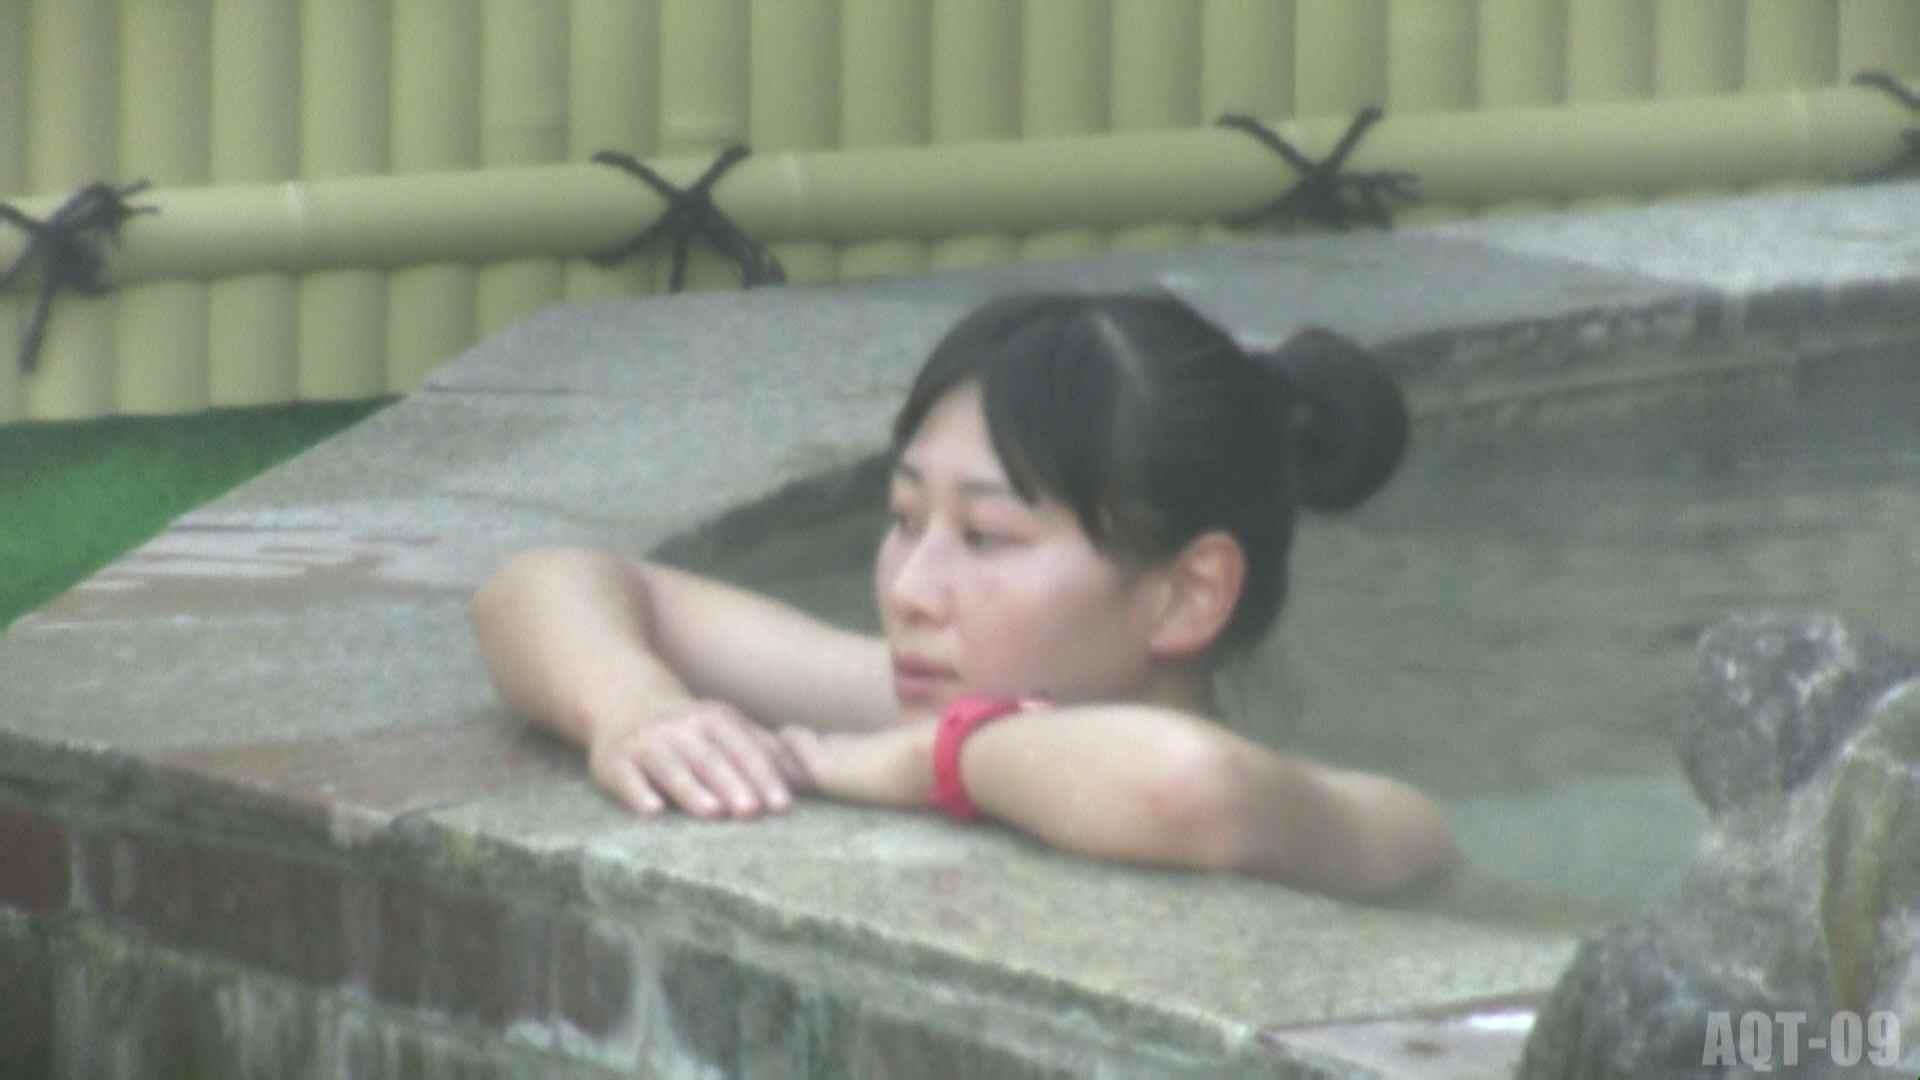 Aquaな露天風呂Vol.785 美しいOLの裸体  84pic 42